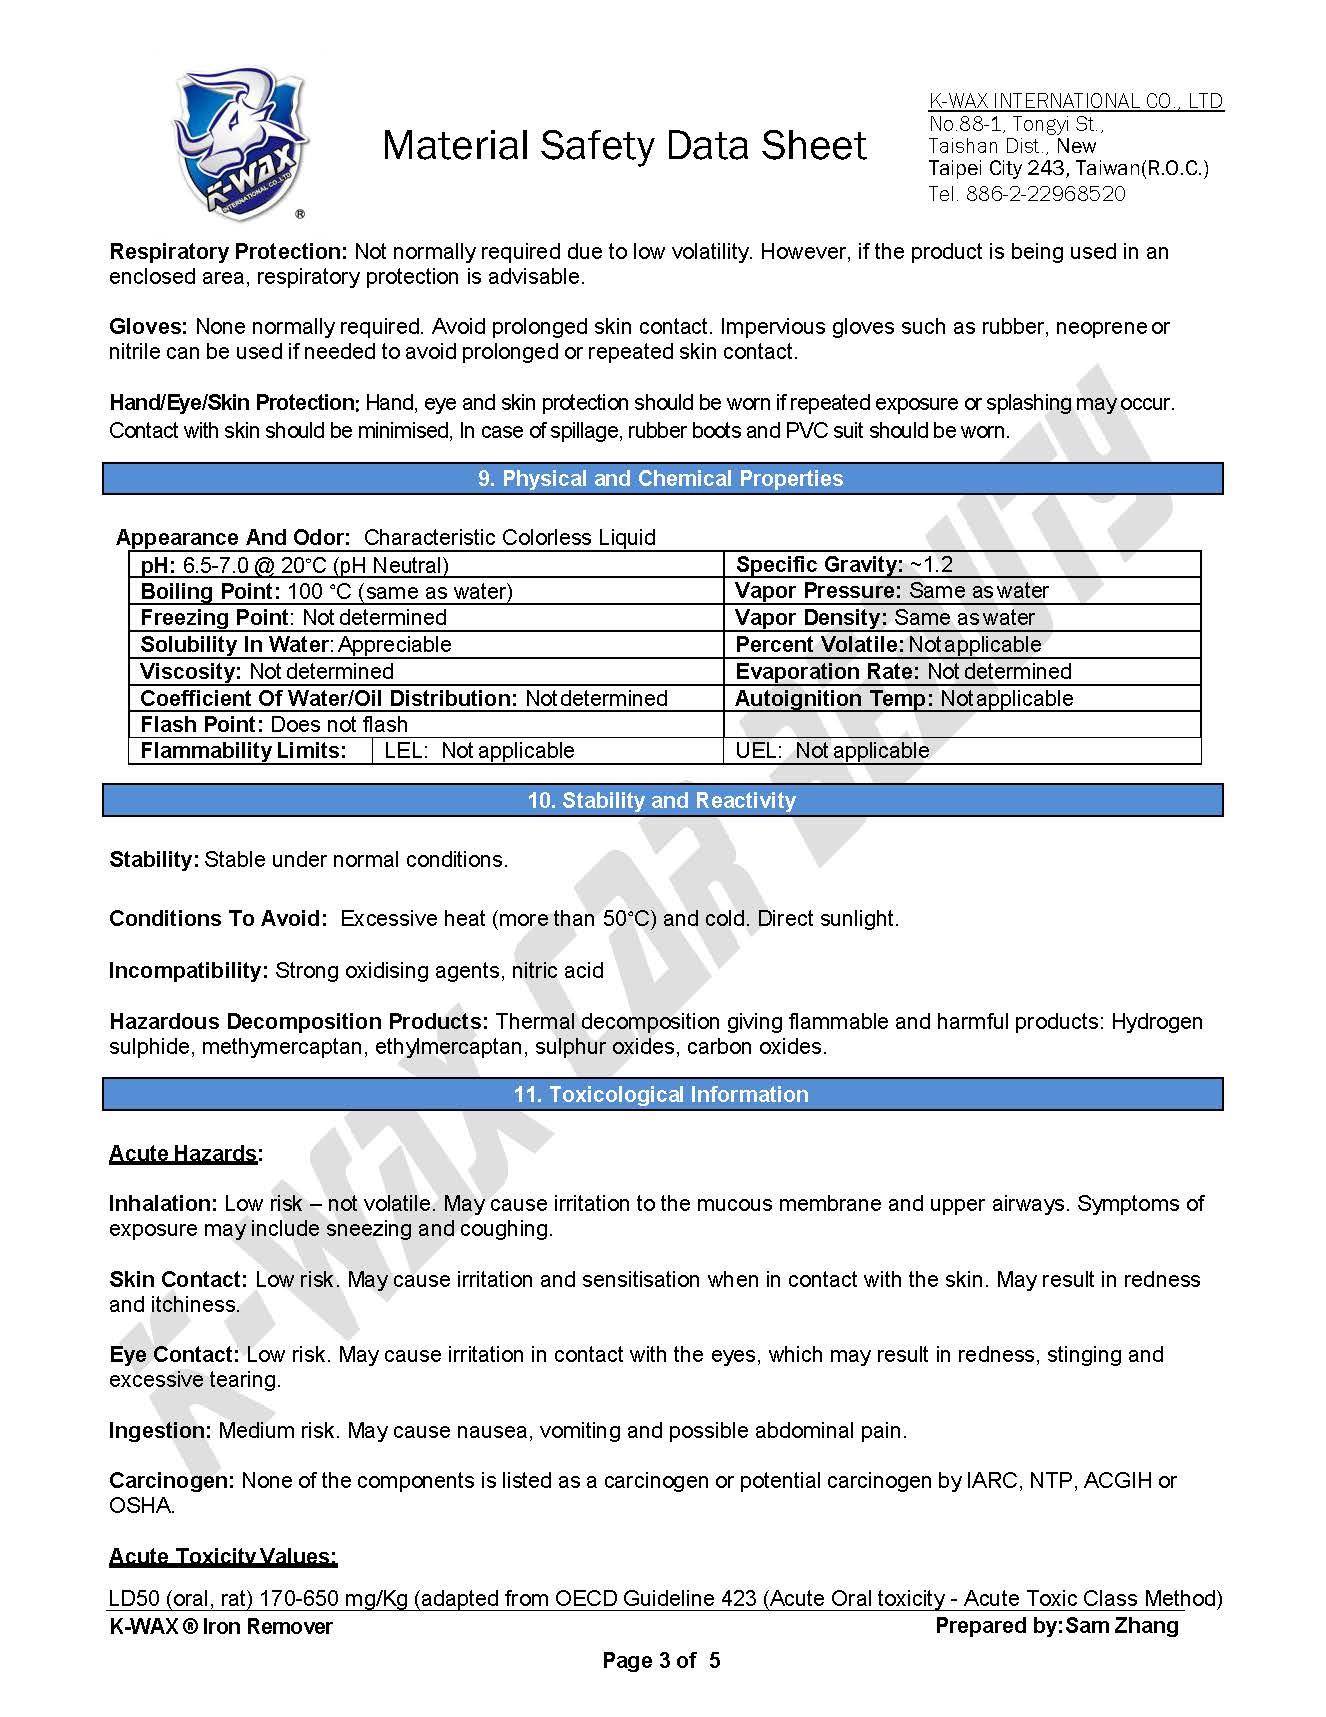 鐵粉拔除劑 MSDS_页面_3.jpg